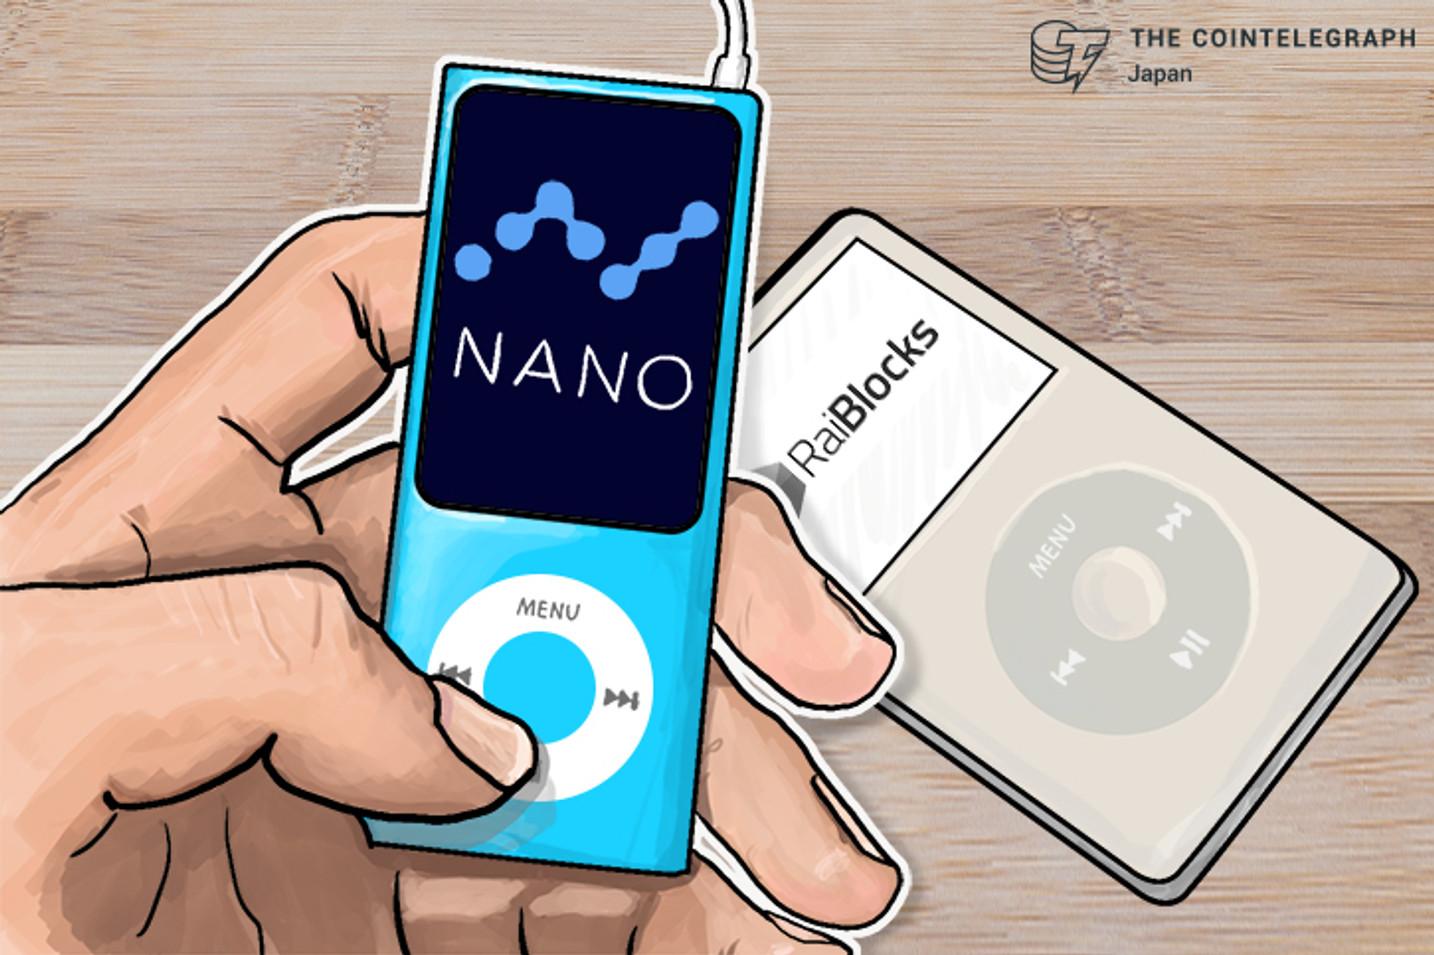 レイブロックス(XRB)がブランド刷新で「ナノ」に改名  一時20%急騰